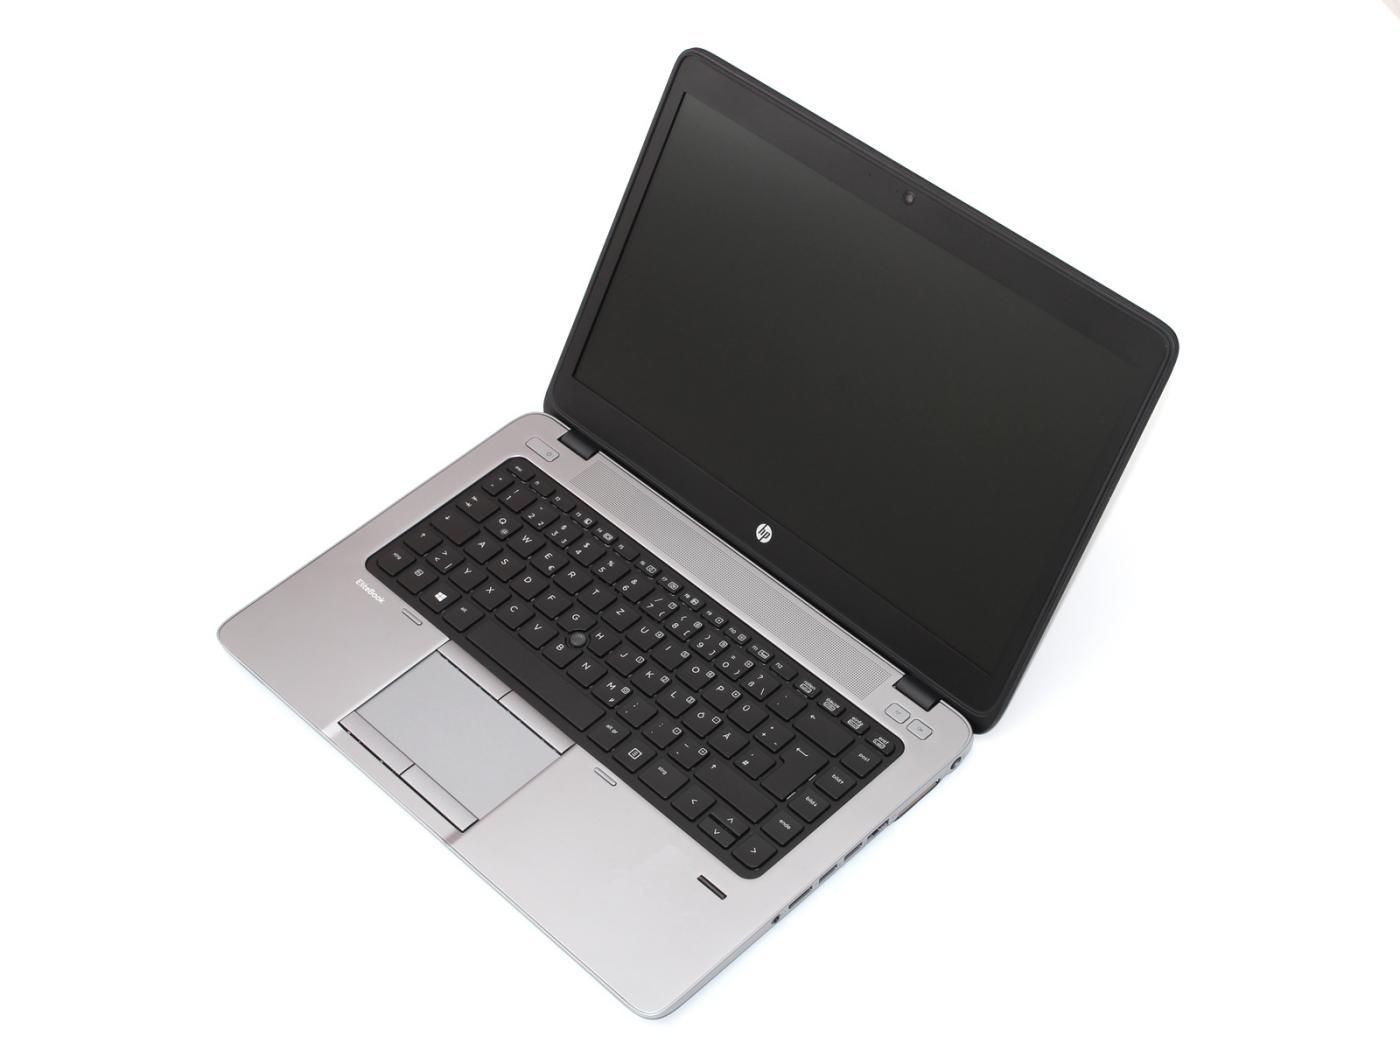 HP EliteBook 740 G2 Huawei Modem 64Bit